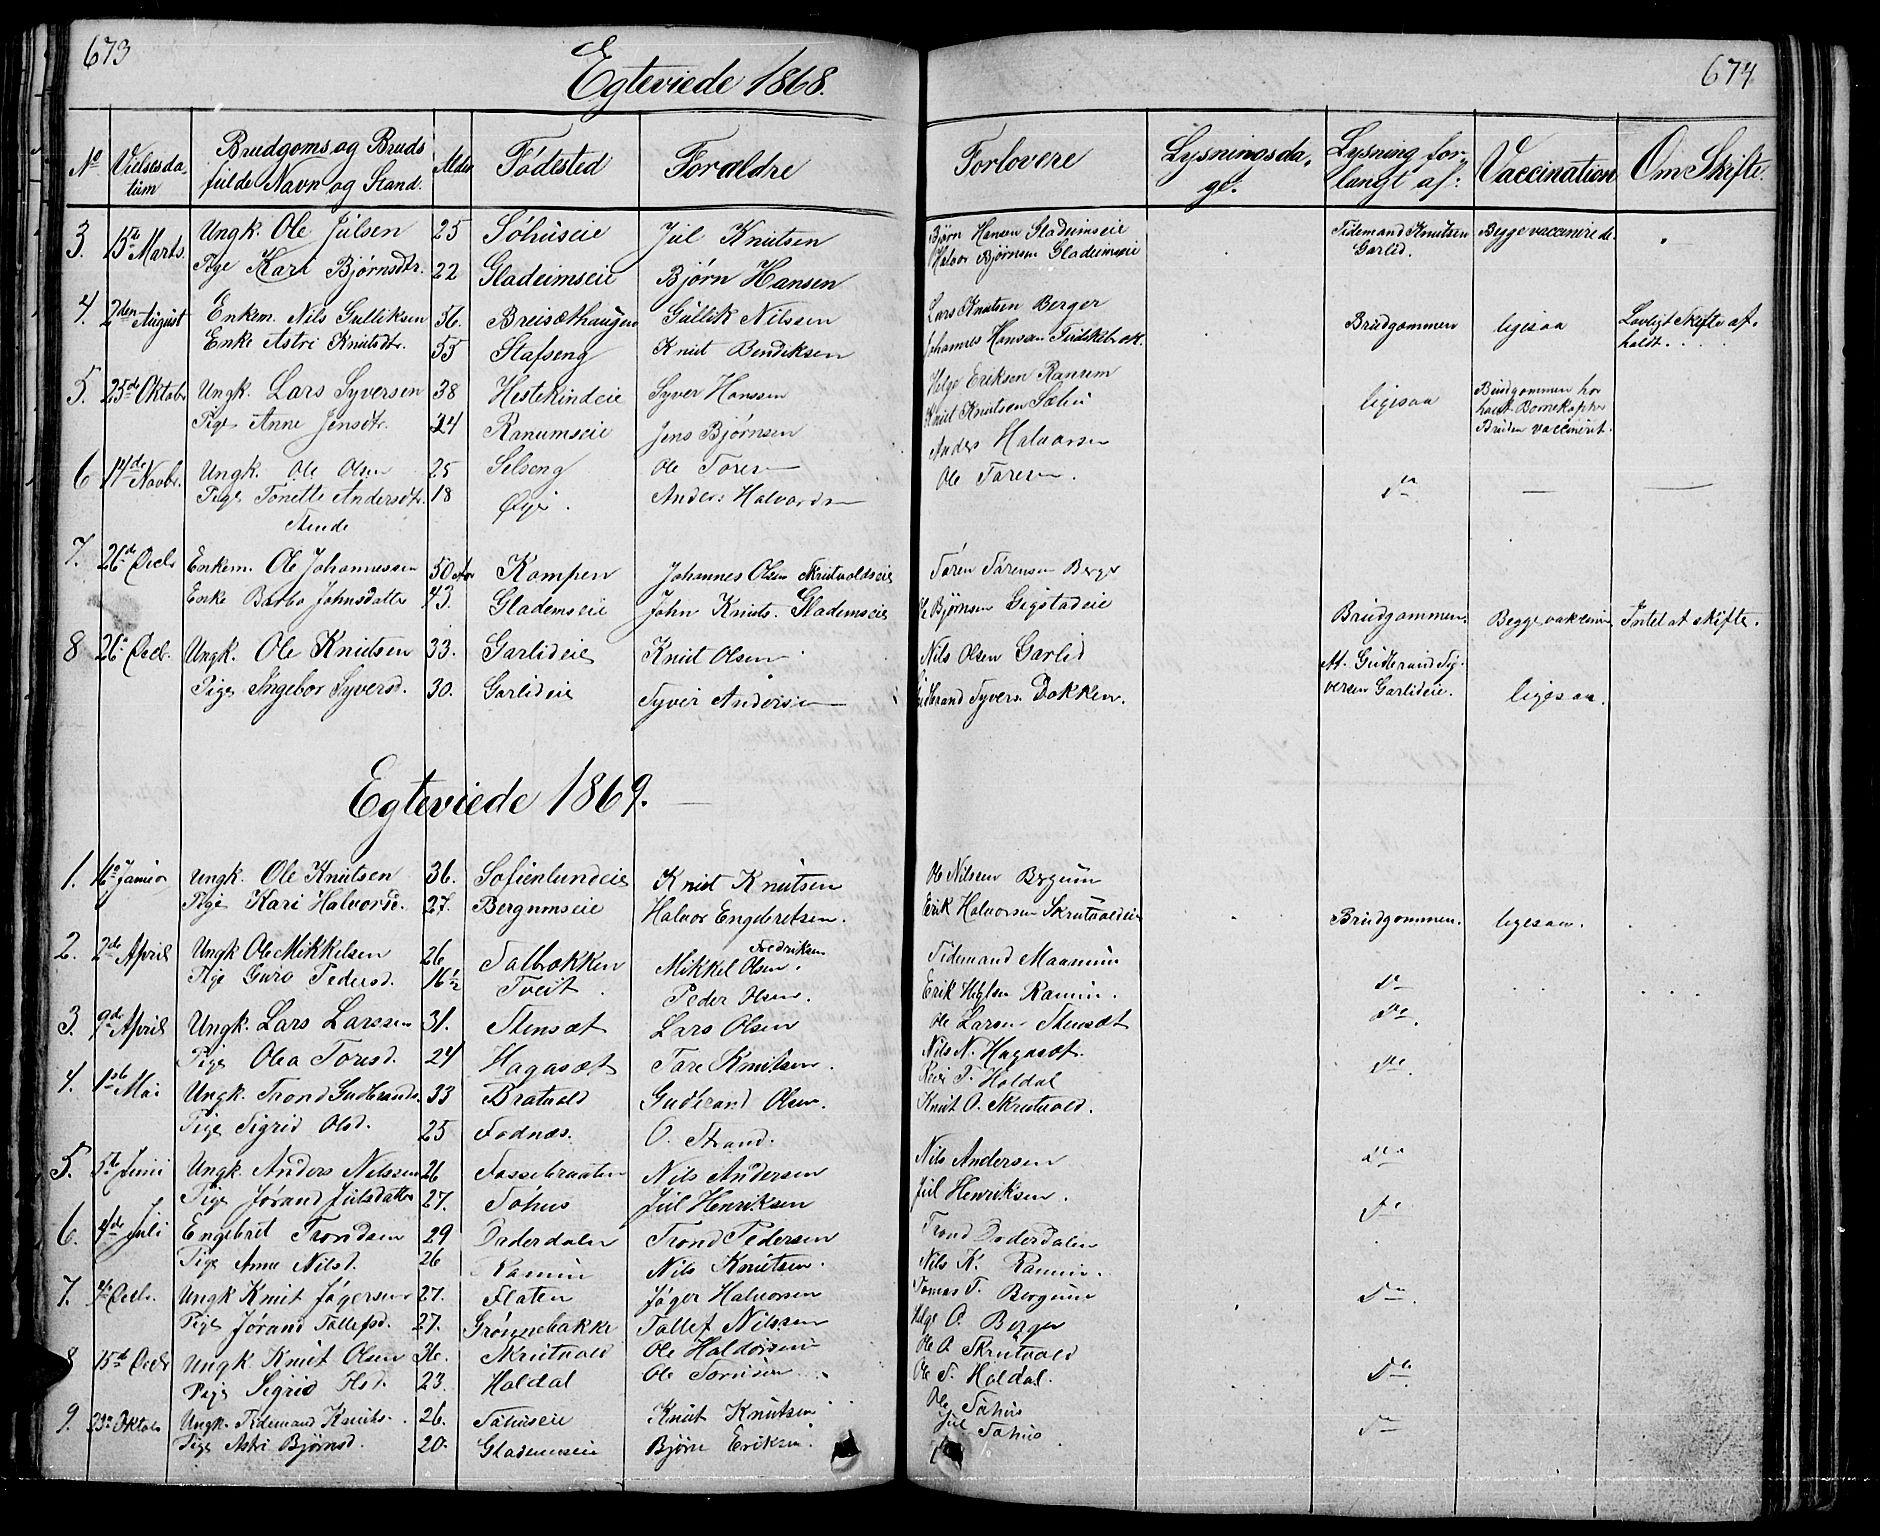 SAH, Nord-Aurdal prestekontor, Klokkerbok nr. 1, 1834-1887, s. 673-674